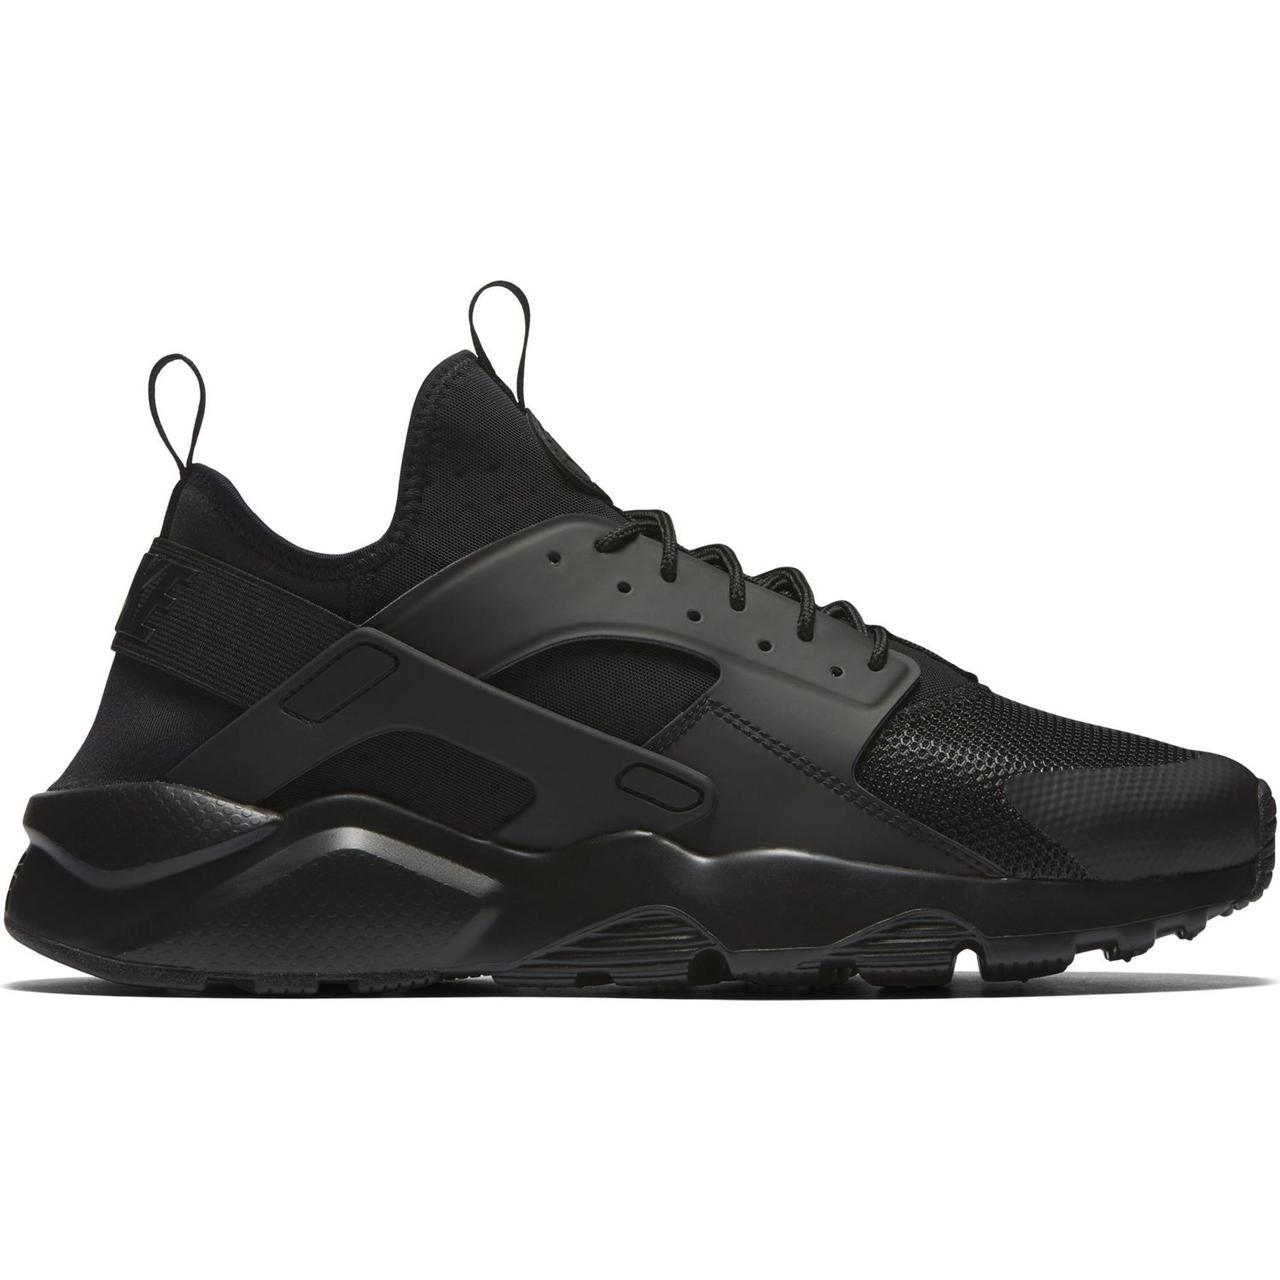 3791114e8629 Оригинальные кроссовки Nike Air Huarache Run Ultra - Sport-Sneakers -  Оригинальные кроссовки - Sneakerhead